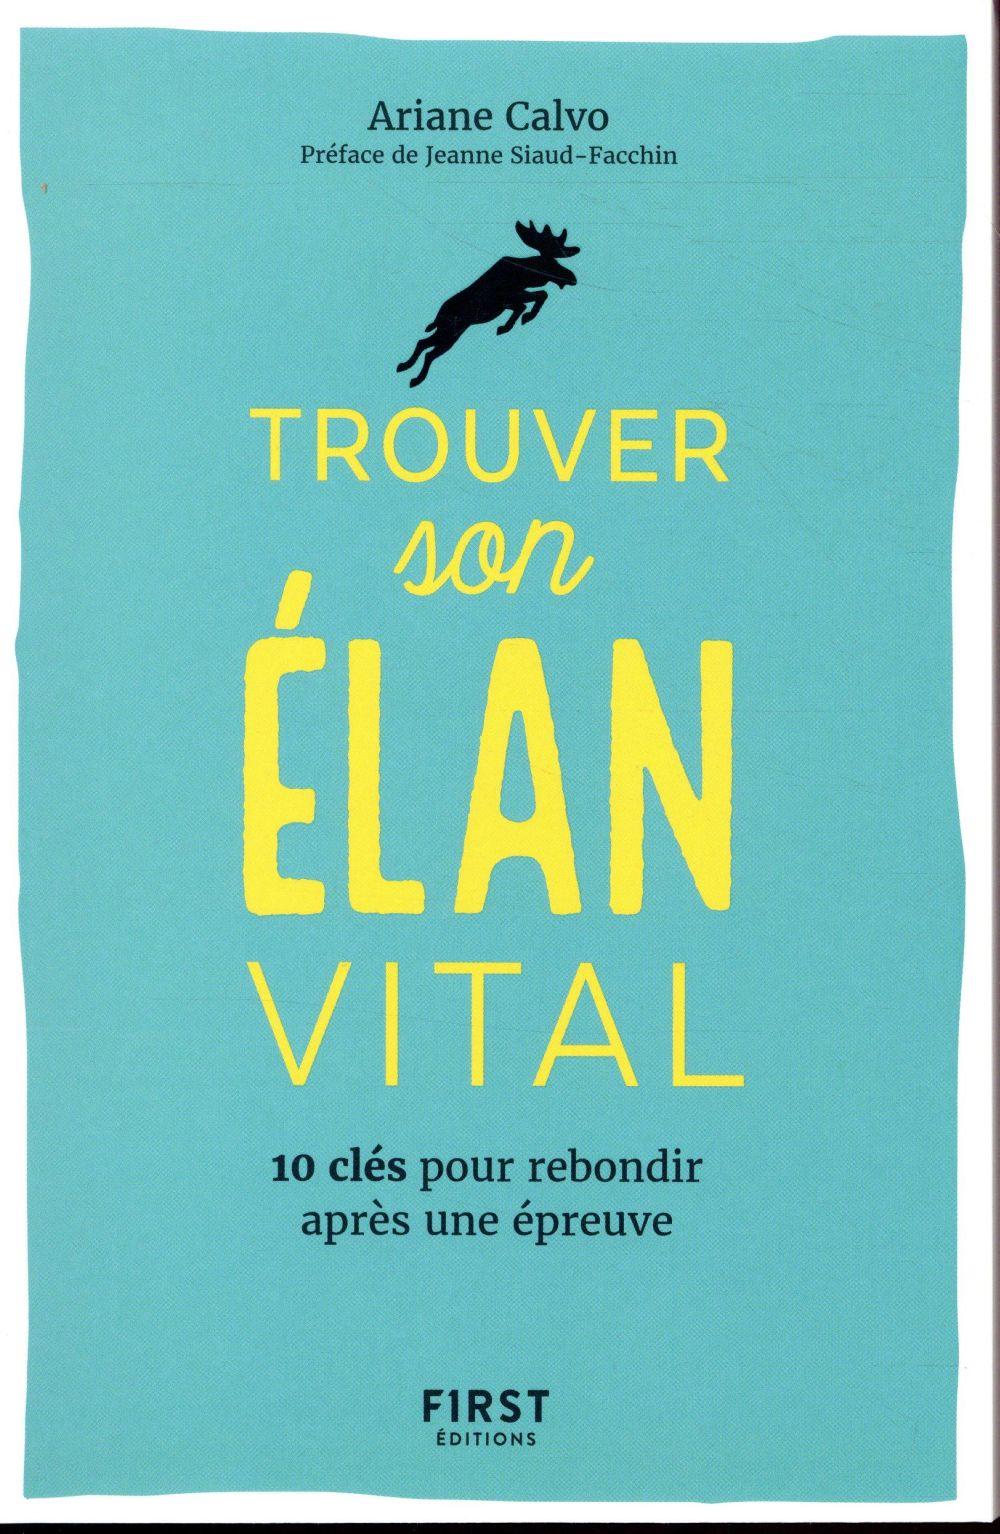 TROUVER SON ELAN VITAL - 10 CLES POUR REBONDIR APRES UNE EPREUVRE